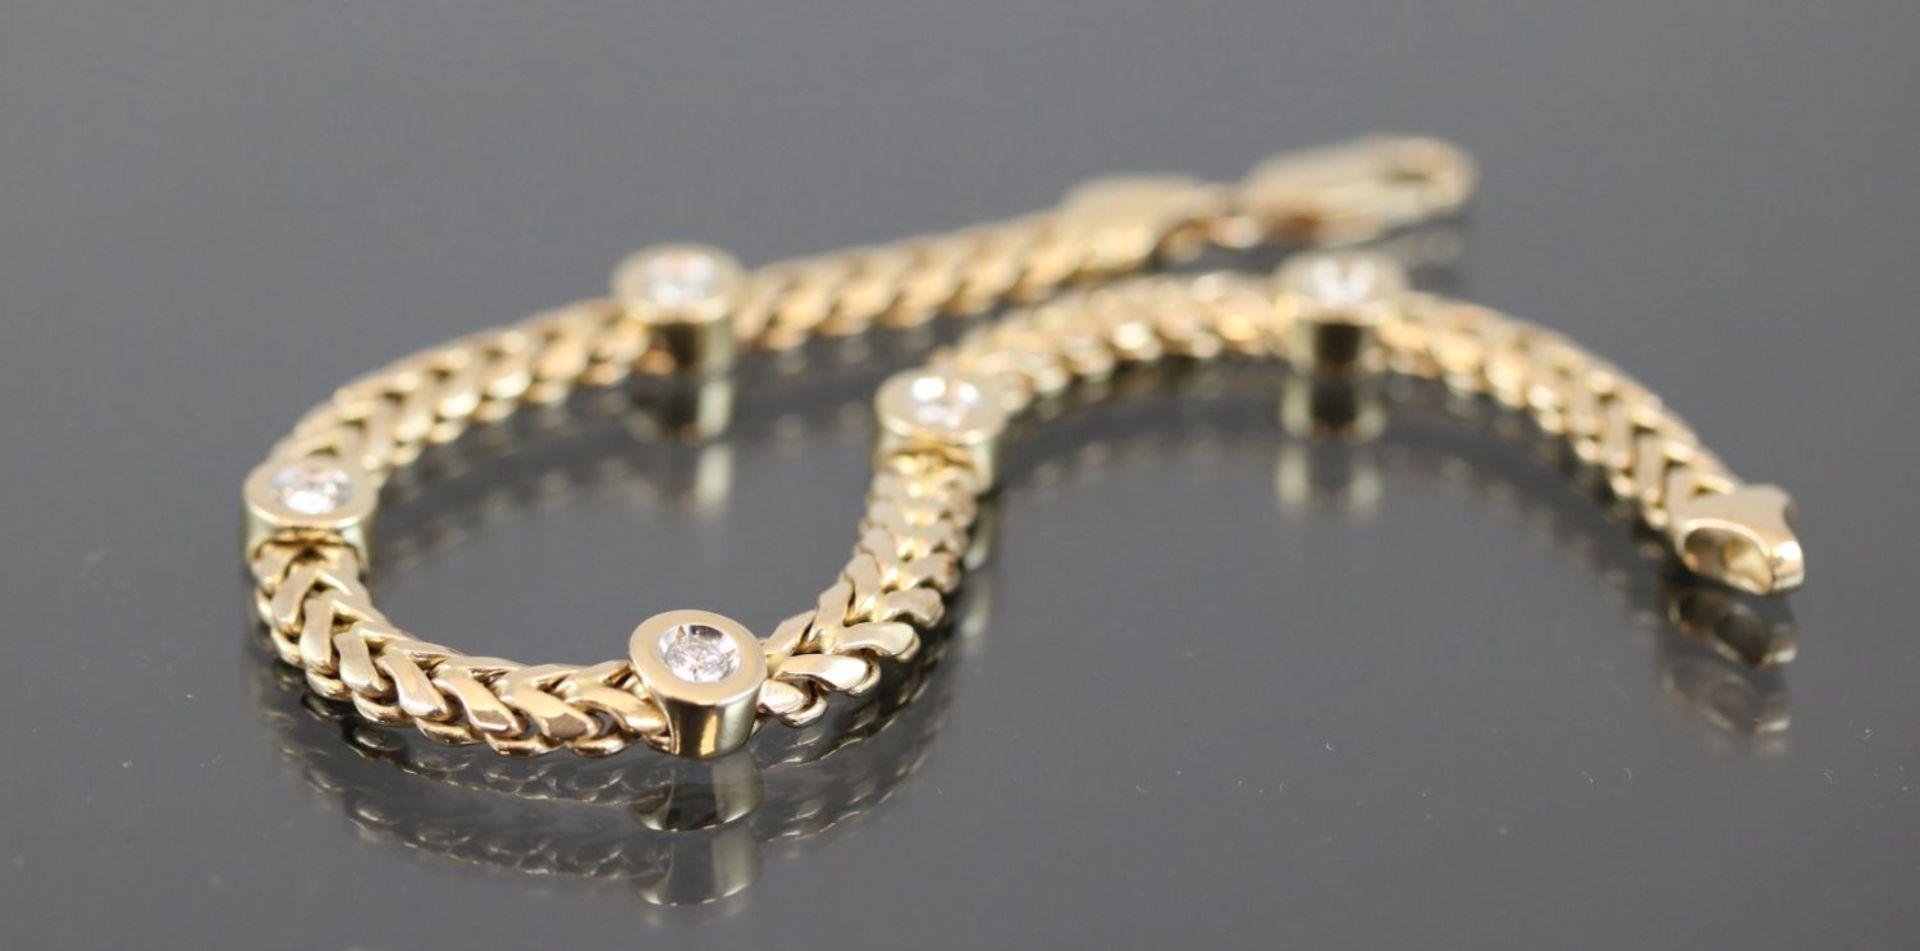 Los 56 - Brillant-Armband, 585 Gelbgold12,2 Gramm 5 Brillanten, 0,60 ct., tw/vsi. Länge: 21 cm Schätzpreis: